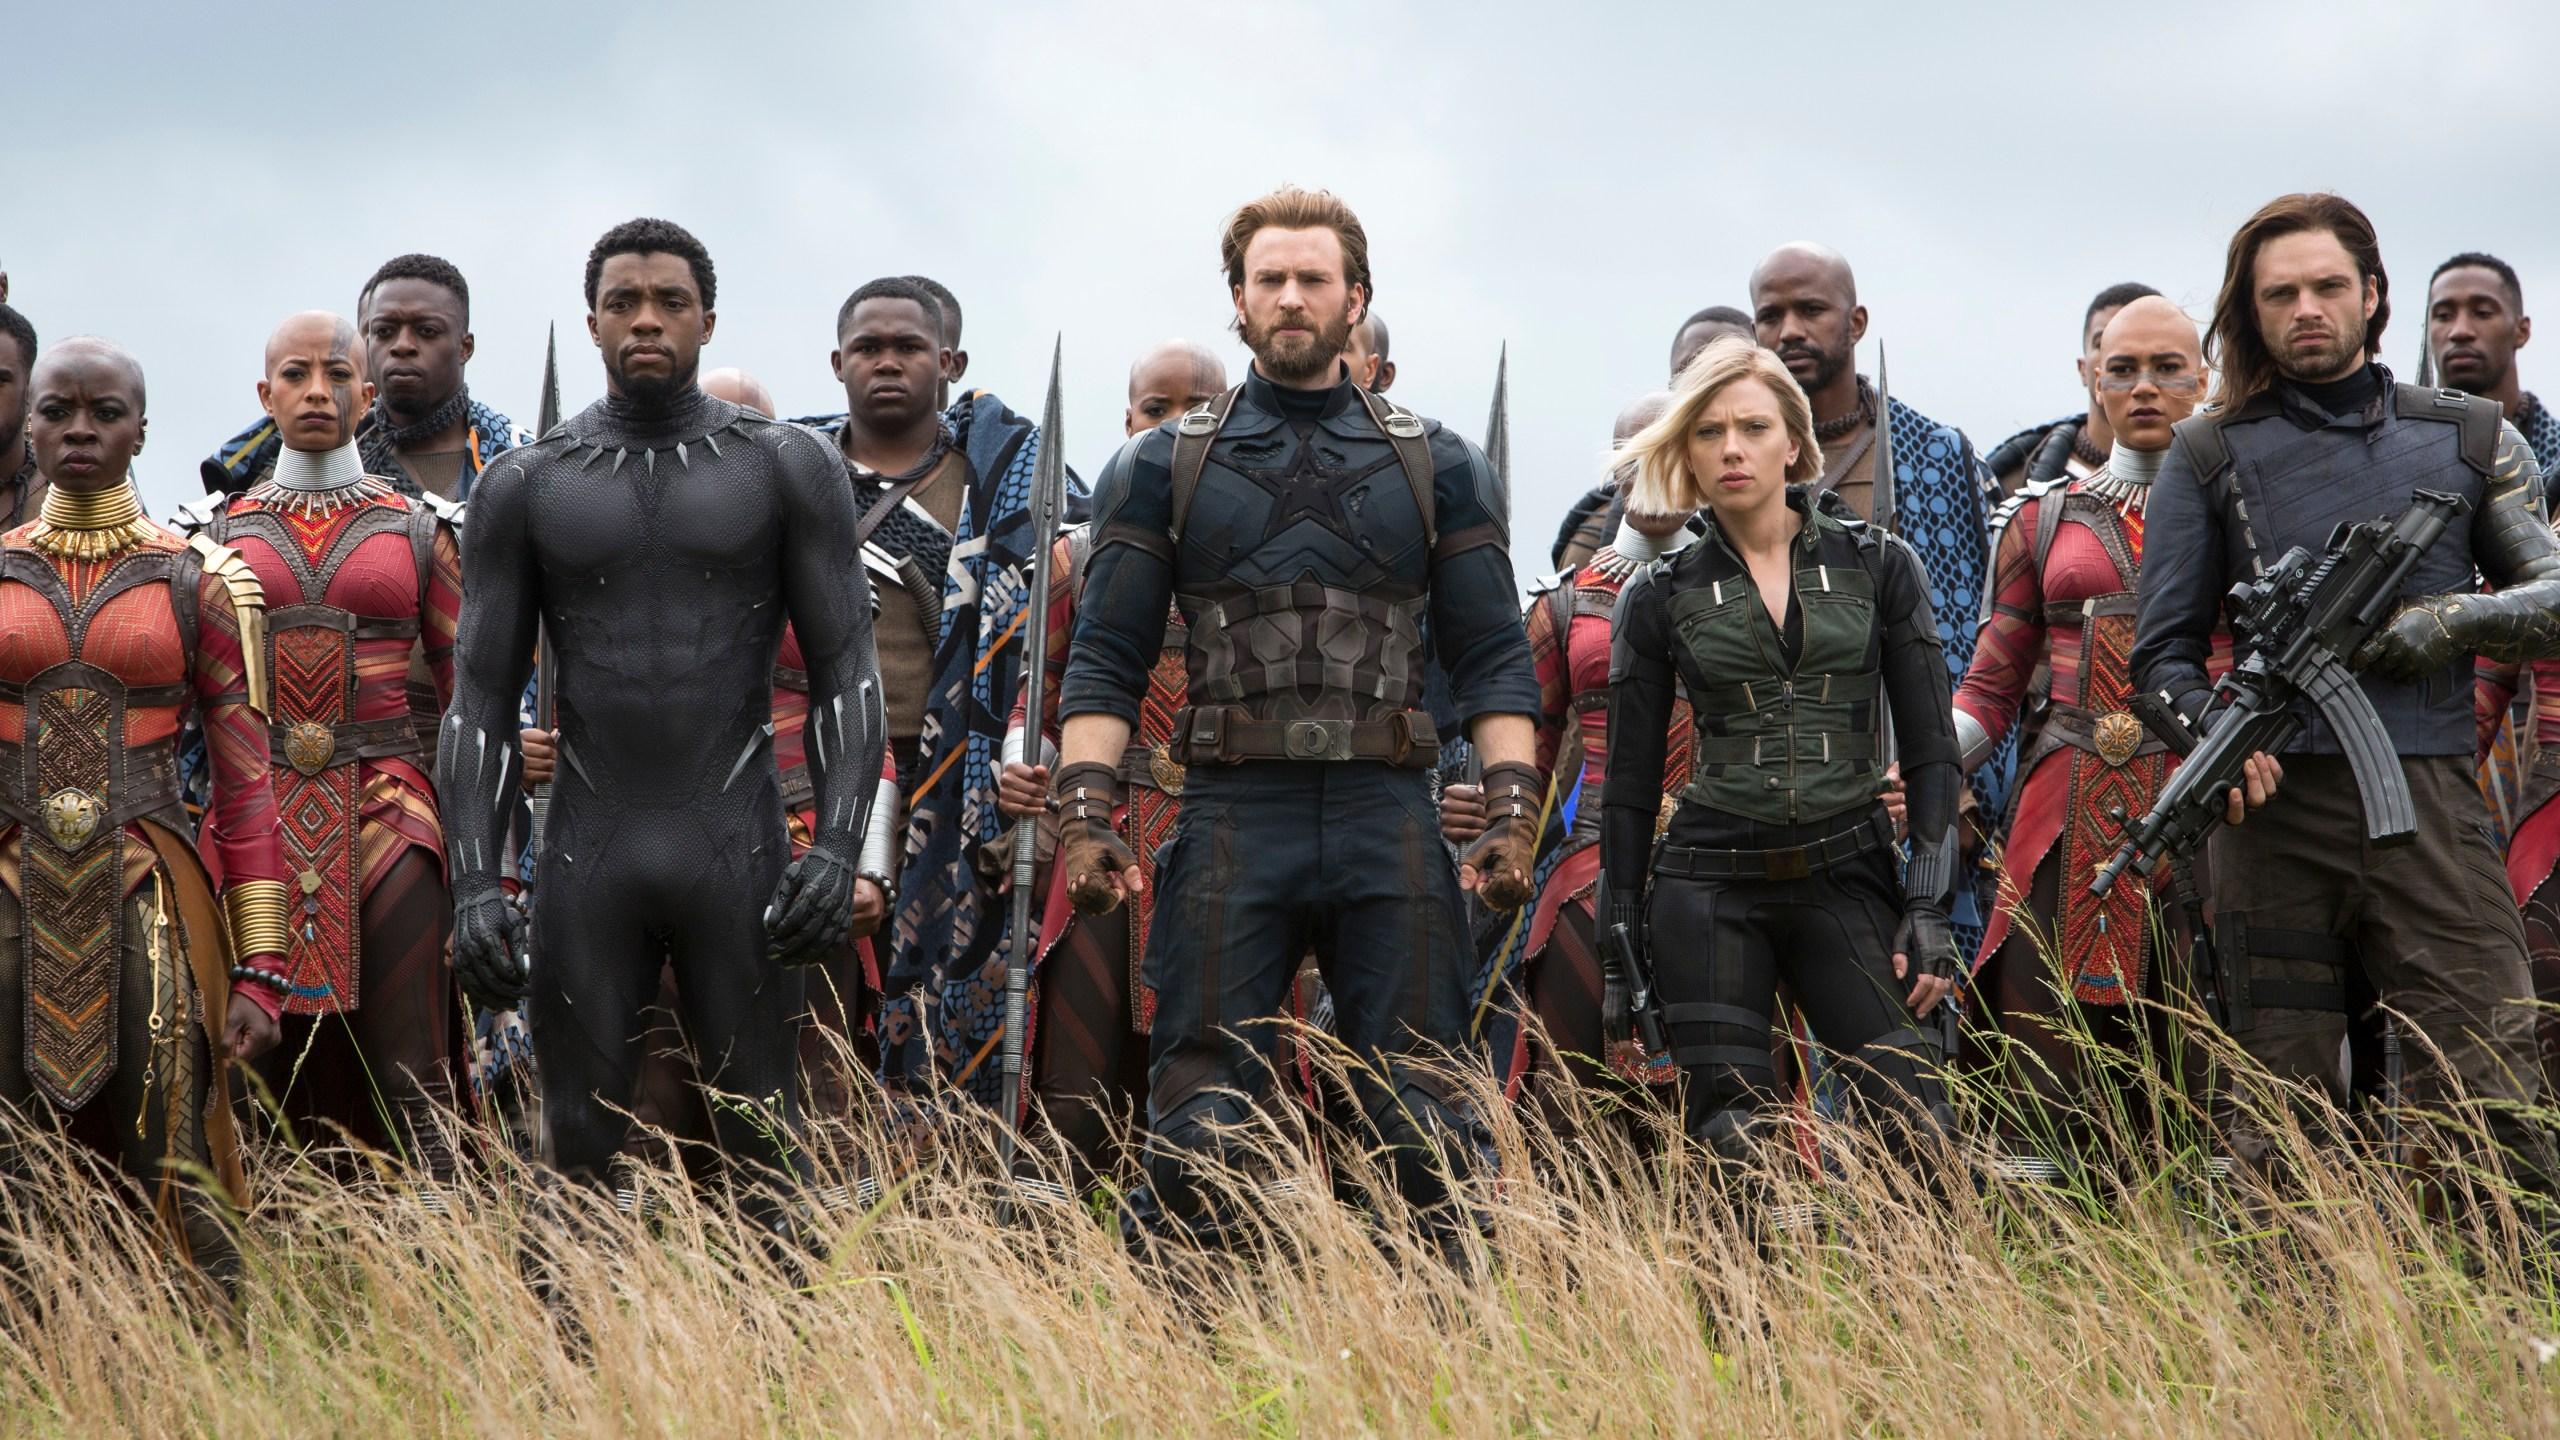 Film_Avengers_Infinity_Wars_10830-159532.jpg31238531